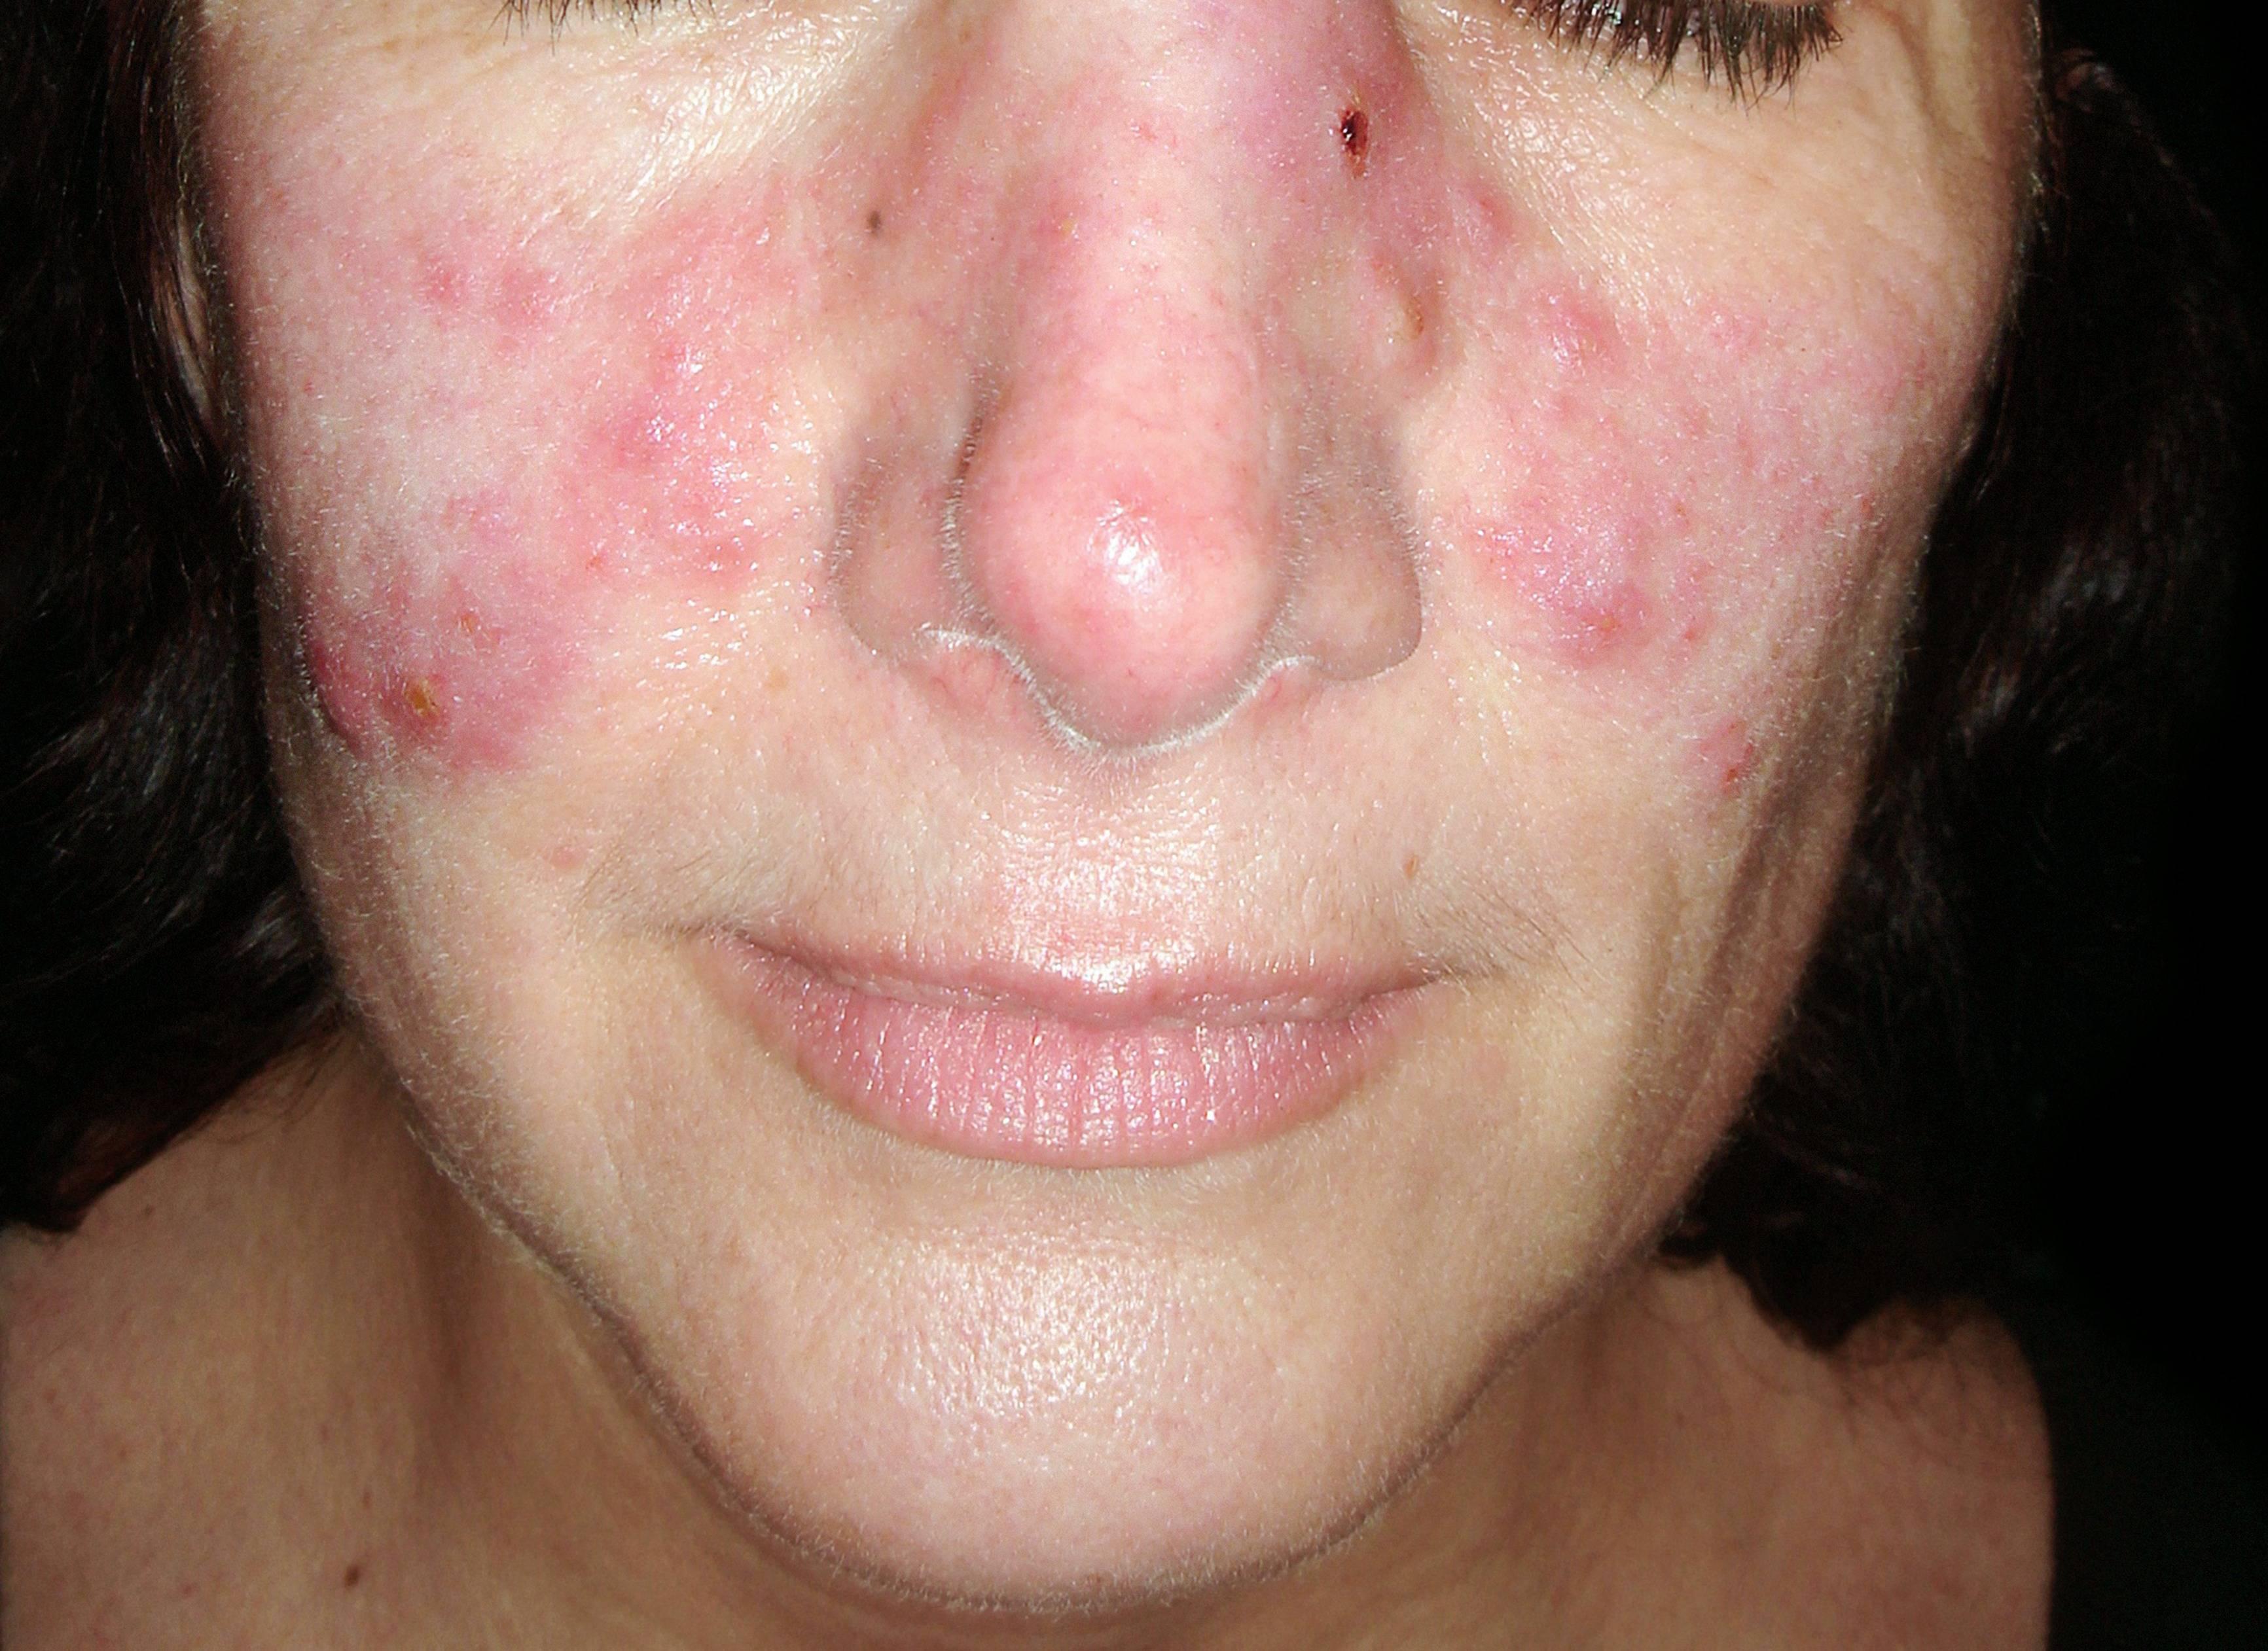 kiütés a bőrön vörös foltok formájában az állon betegség pikkelysömör alternatív kezelsi mdszer